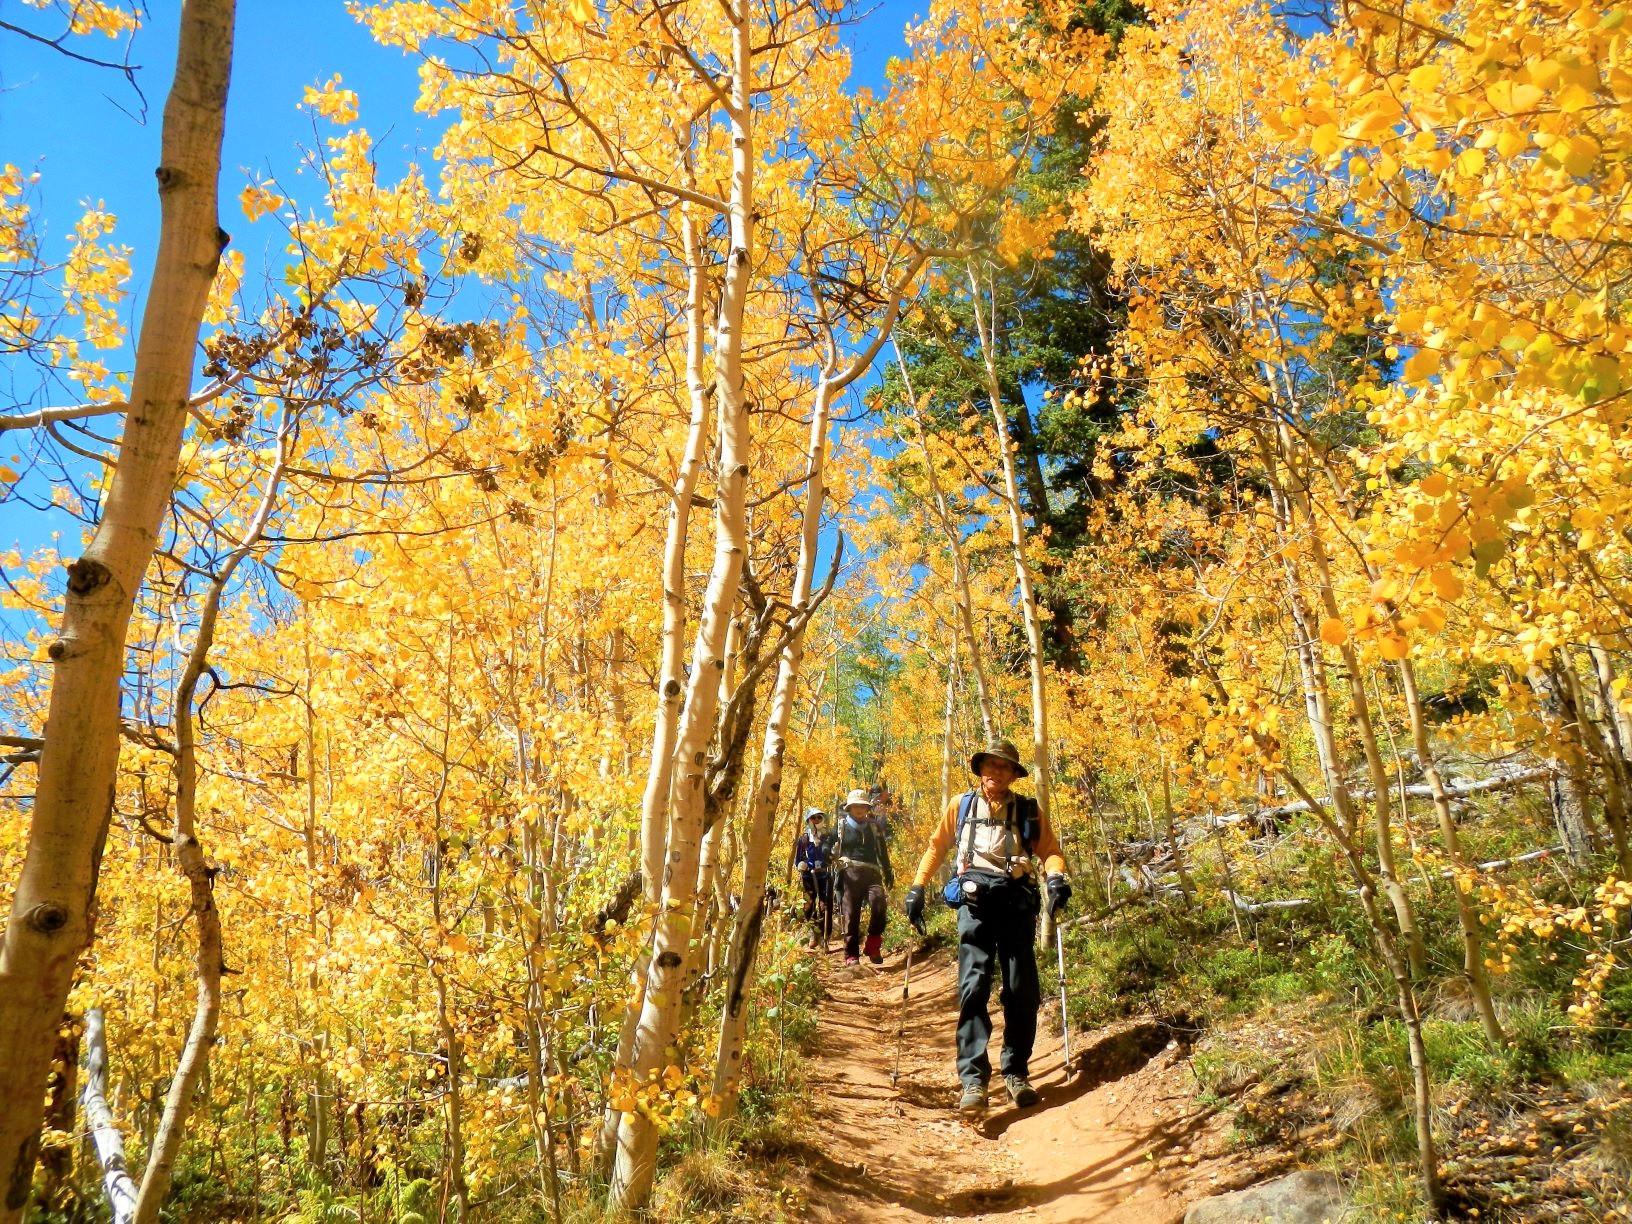 秋にはアスペンの森が黄金色に染まる